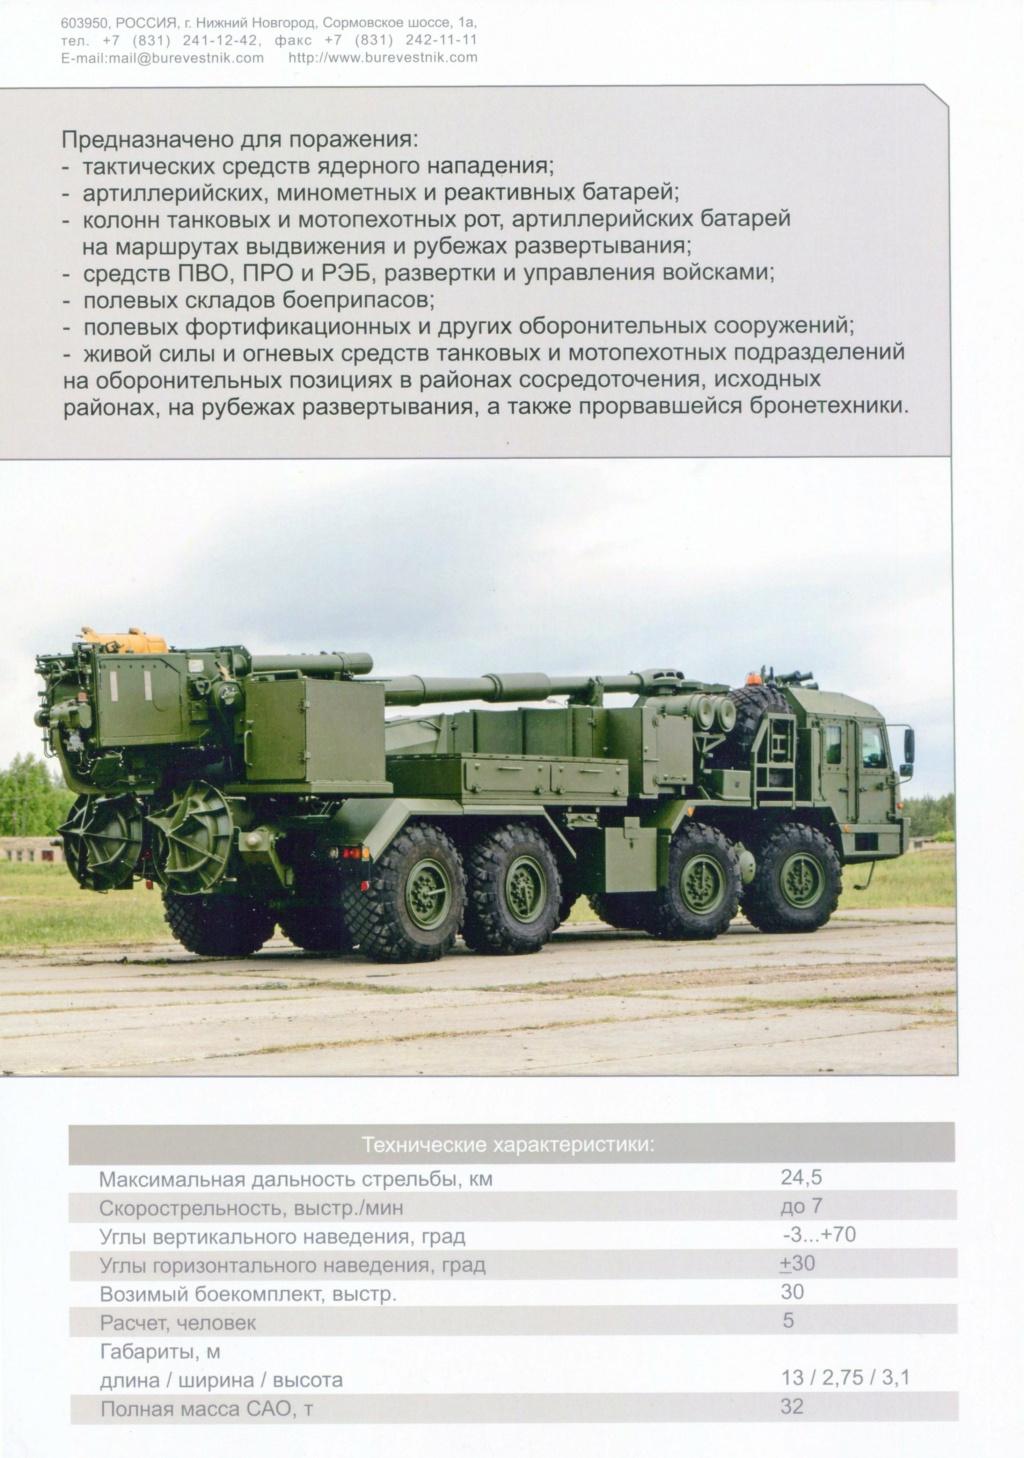 """2S43 """"Malva"""" 152-mm self-propelled howitzer - Page 2 Jgjgjk10"""